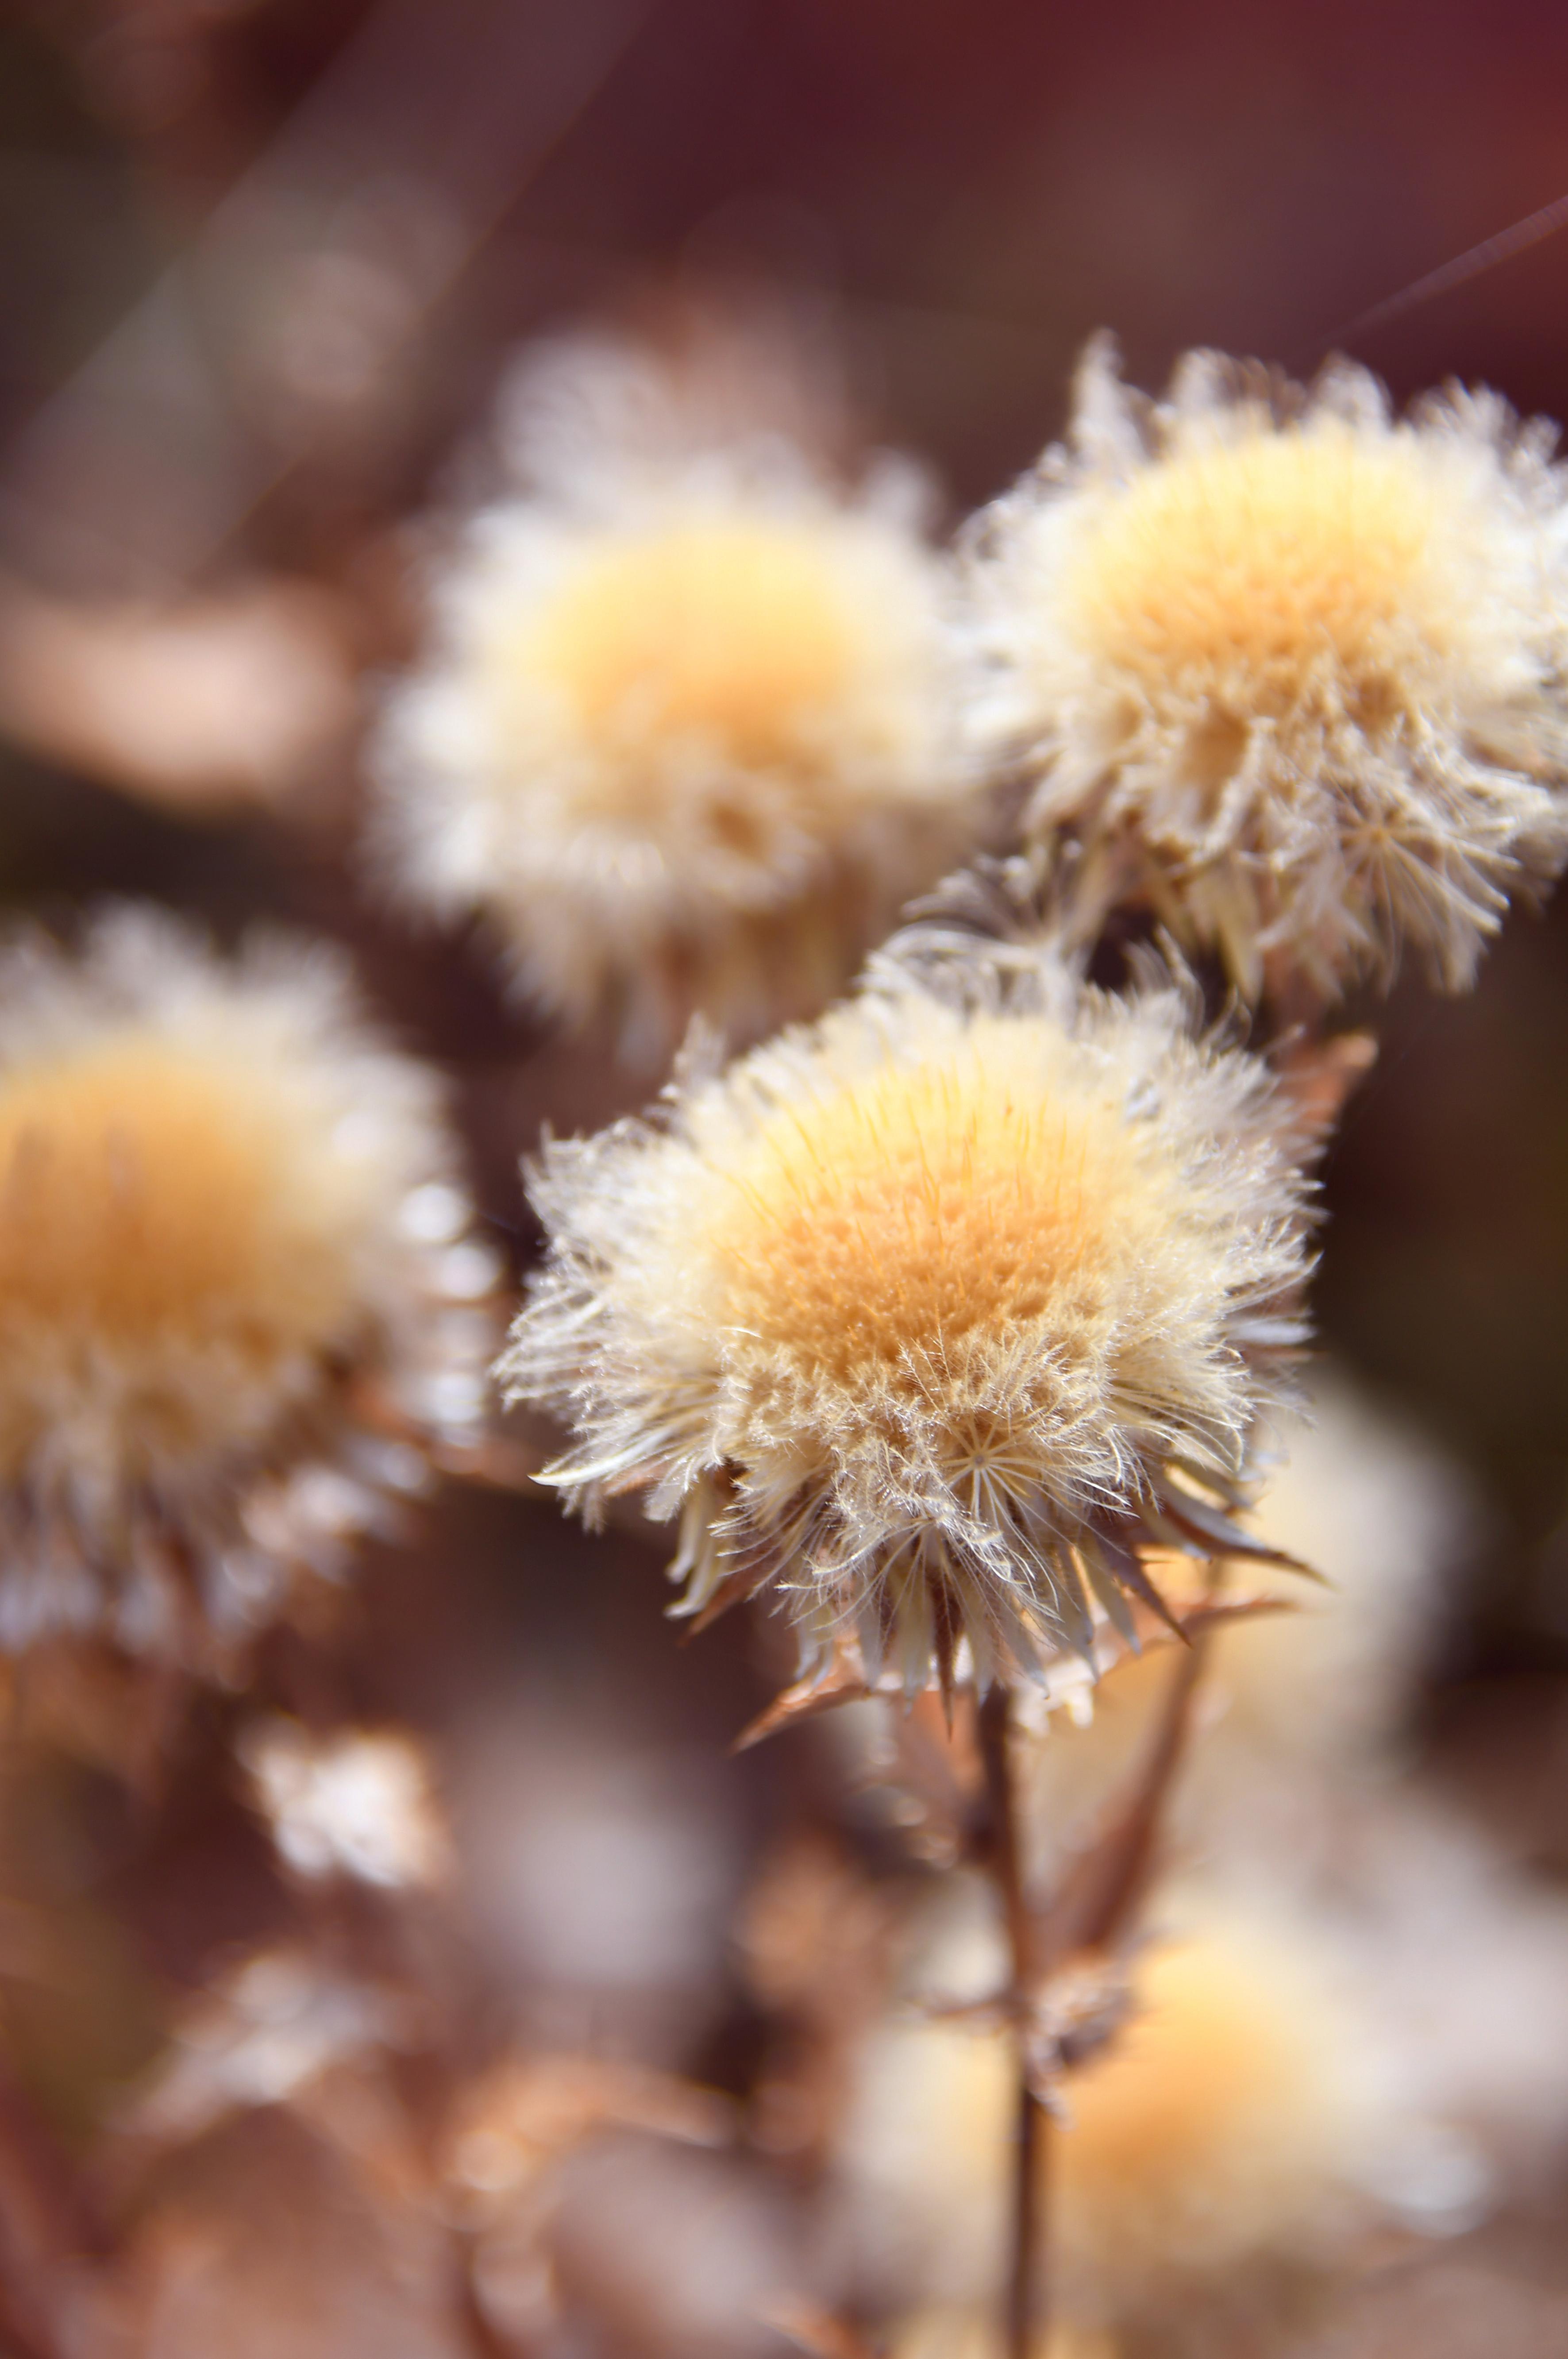 hình ảnh : khô, hoa, Mùa thu, bị cô lập, lý lịch, thực vật, trắng, đã chết, thiên nhiên, hàng đầu, bàn, Gỗ, tự nhiên, Cây ngưu bàng, sắc đẹp, vẻ đẹp, ...